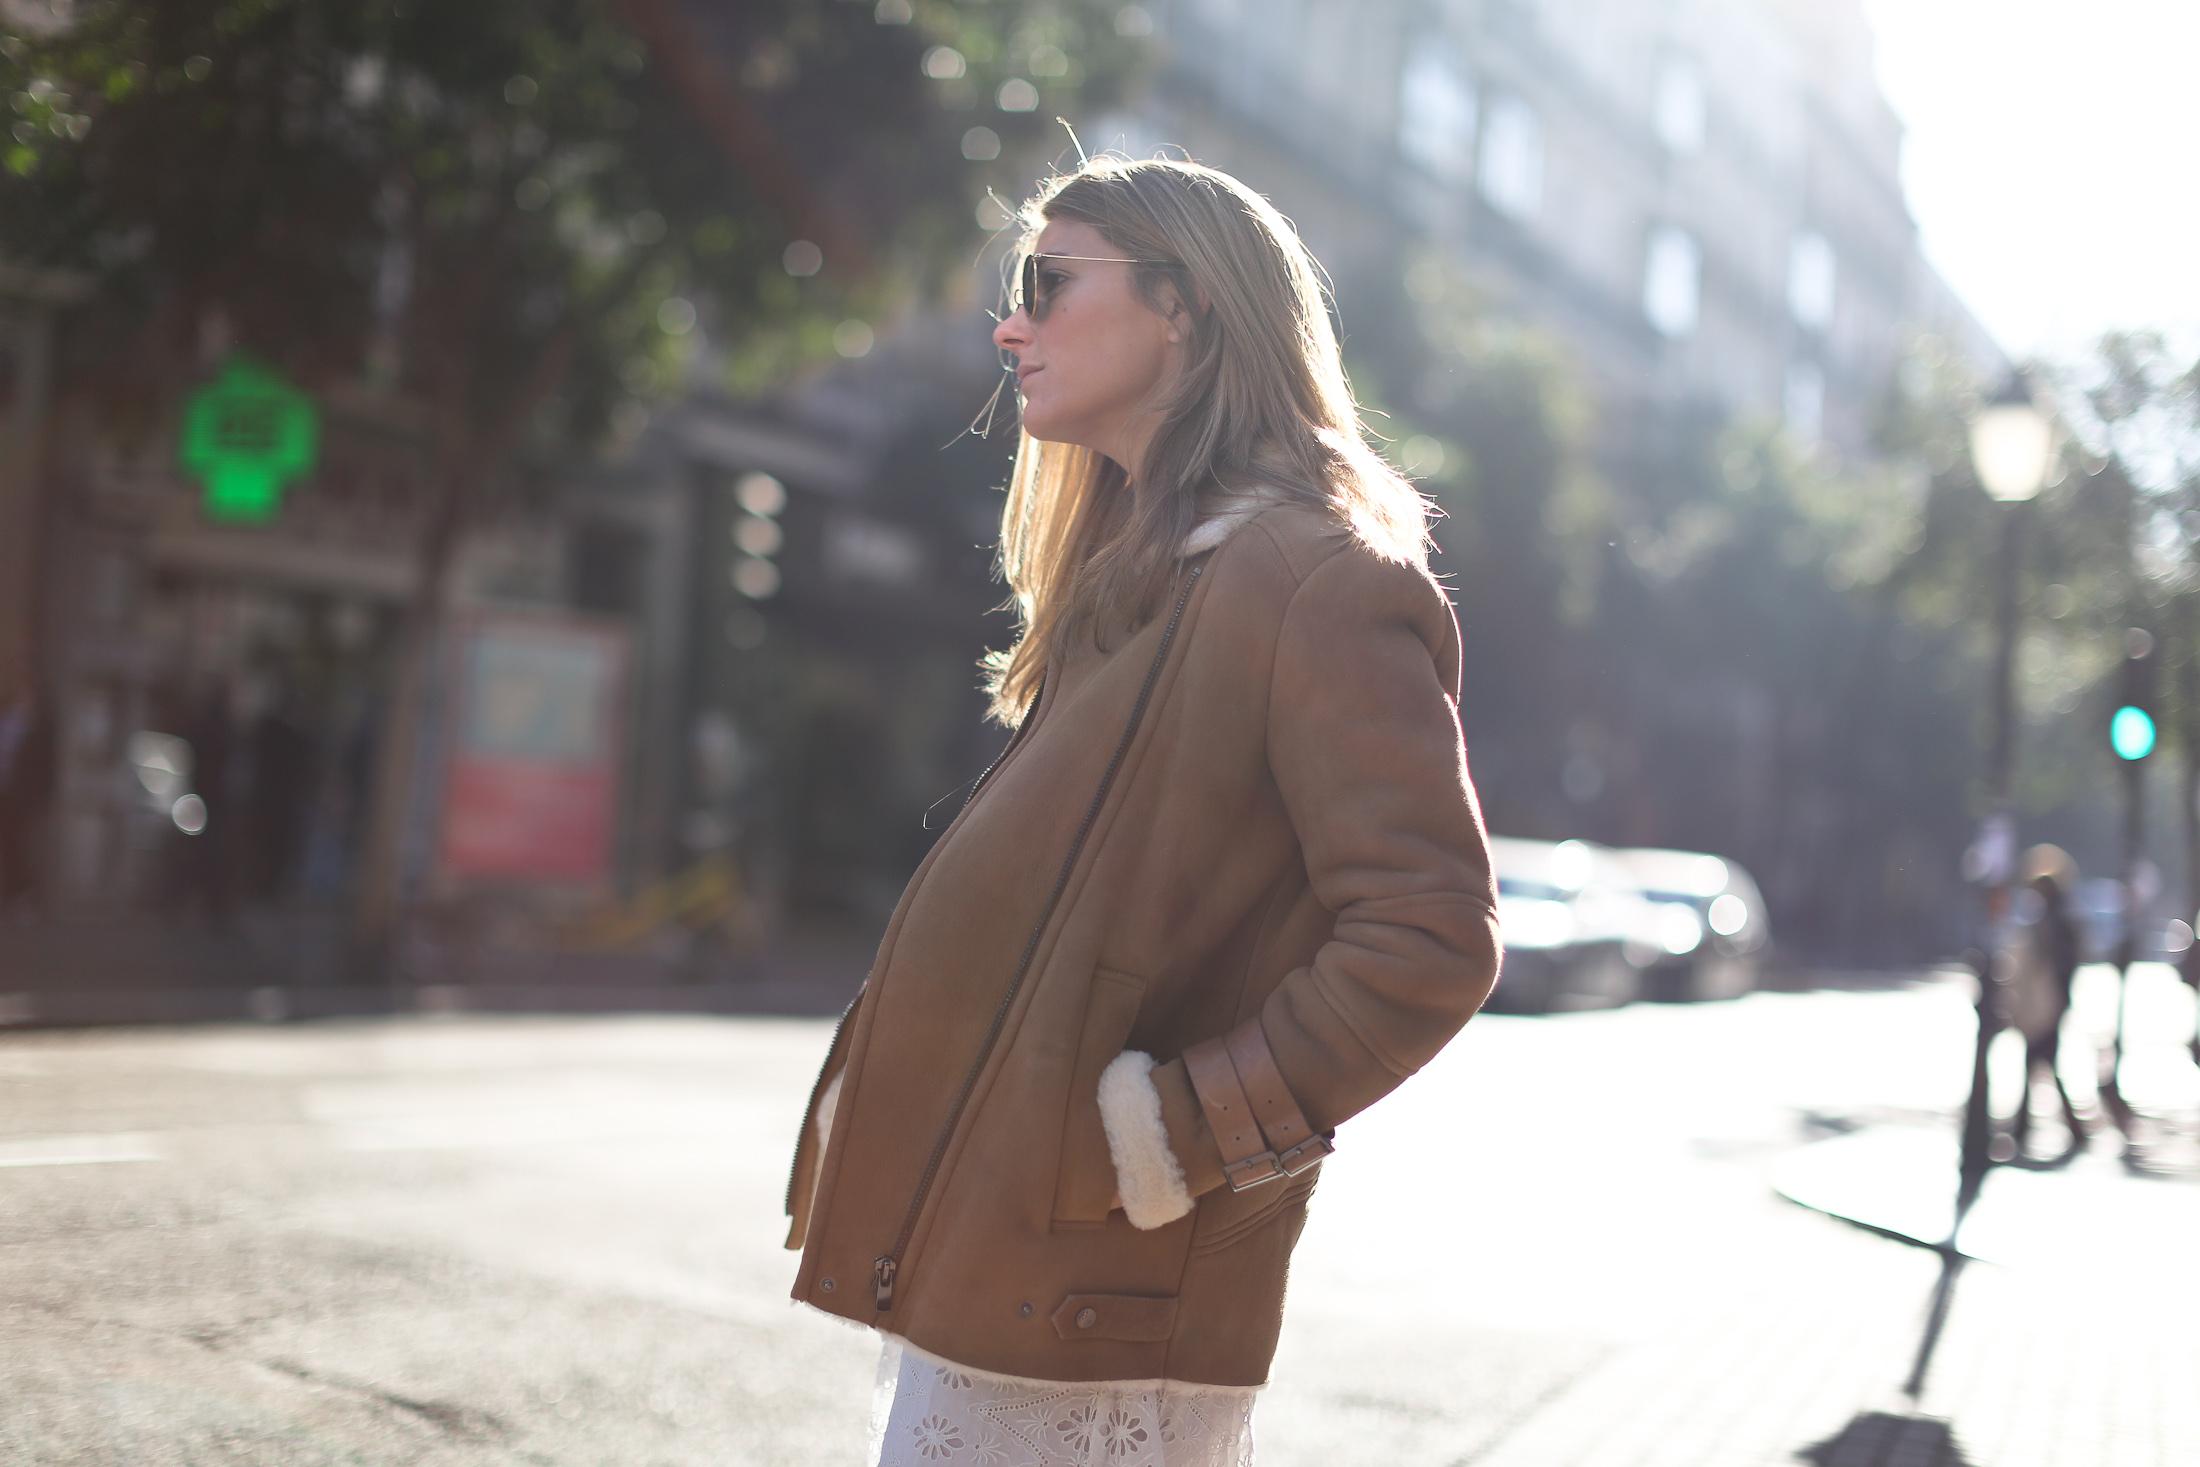 Clochet_streetstyle_mango_shearling_aviator_coat_adidas_samba_leztinstreet-2